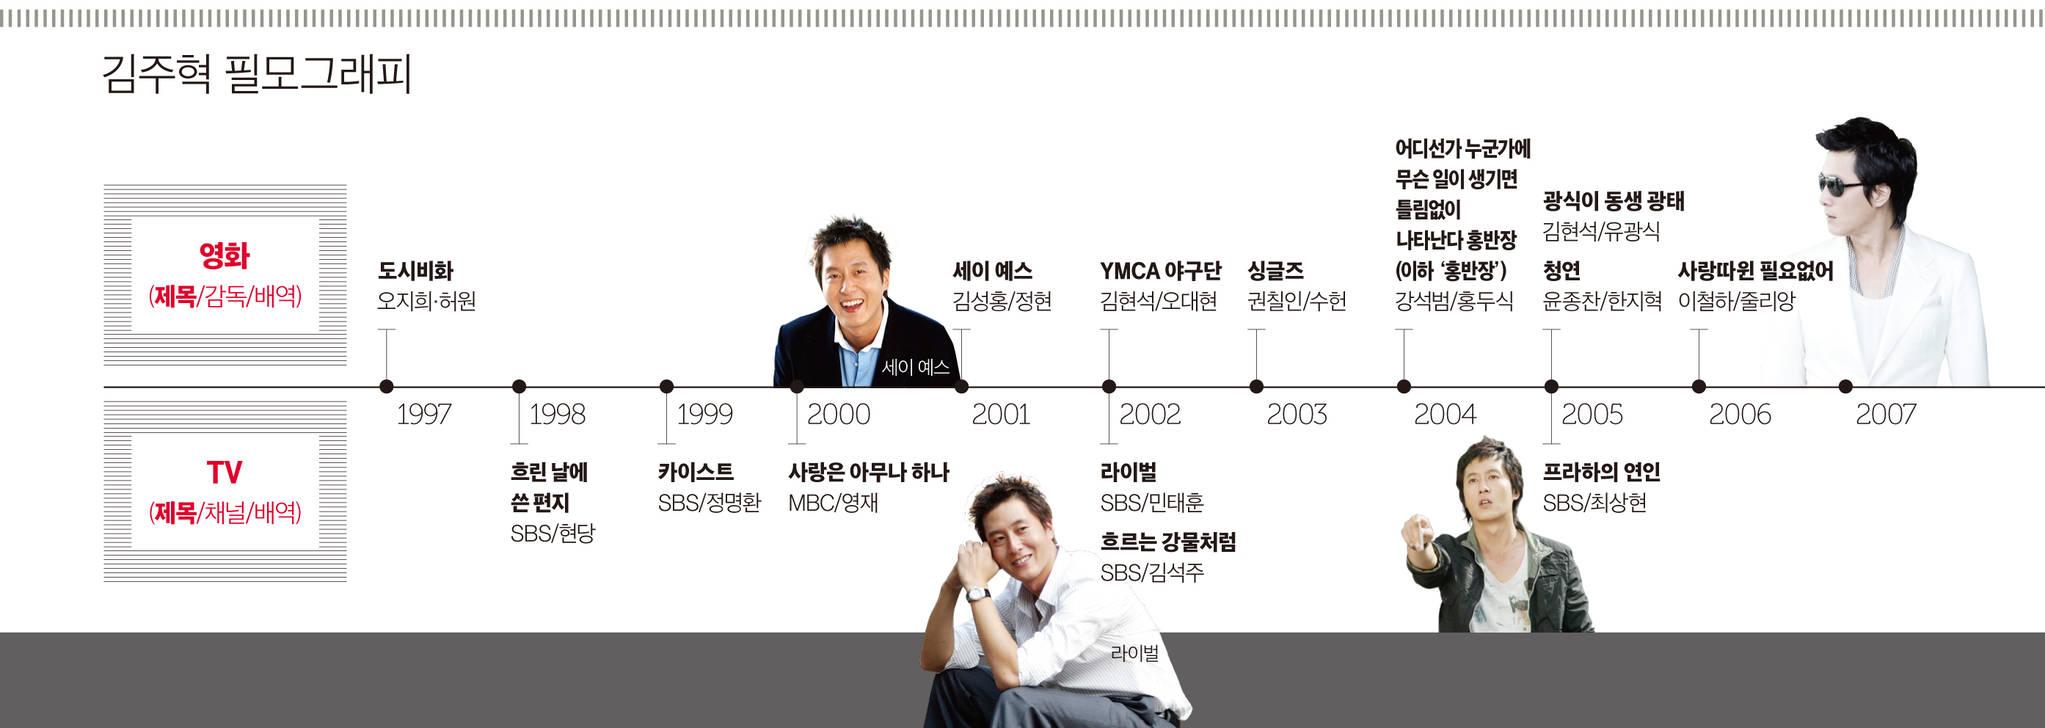 김주혁 필모그래피 (상)